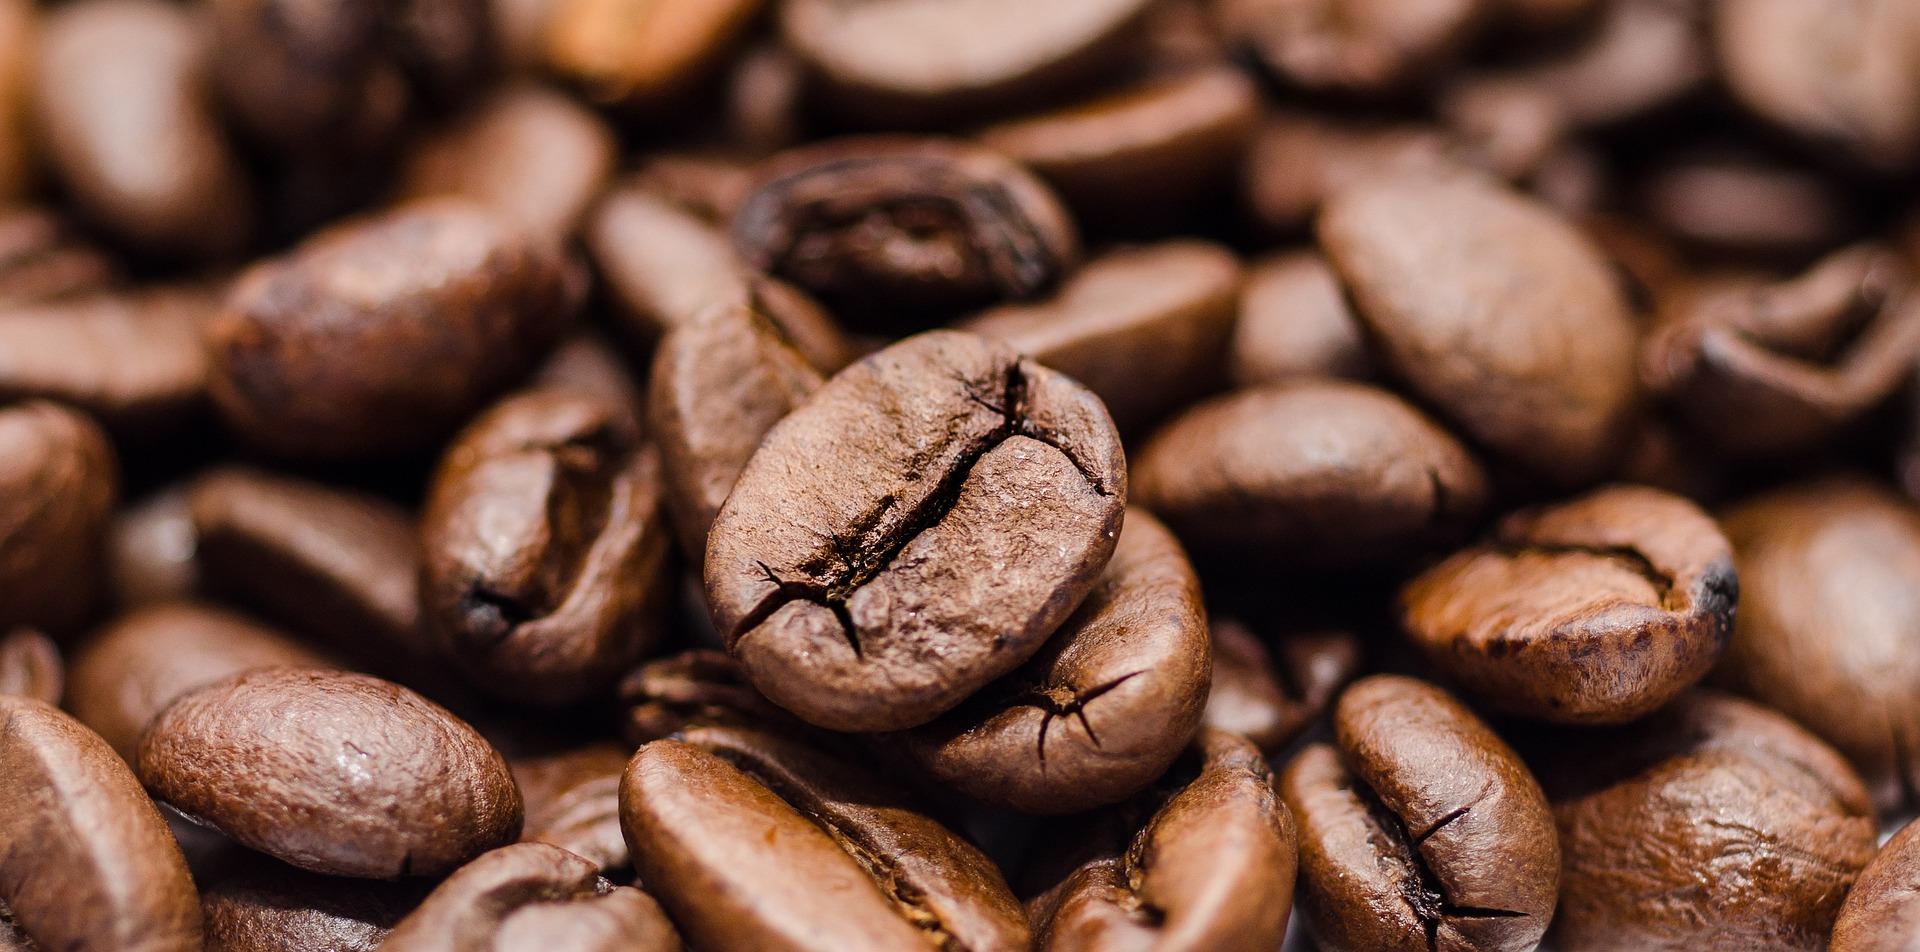 Gorzki napój o właściwościach pobudzających, czyli kawa, upowszechnił się do tego stopnia, że można się od niej uzależnić albo potraktować jako sztukę. Bez względu na to, jakie mamy do niej podejście, jest nieodłącznym elementem dnia wielu osób. Sprawdź ile o niej wiesz!